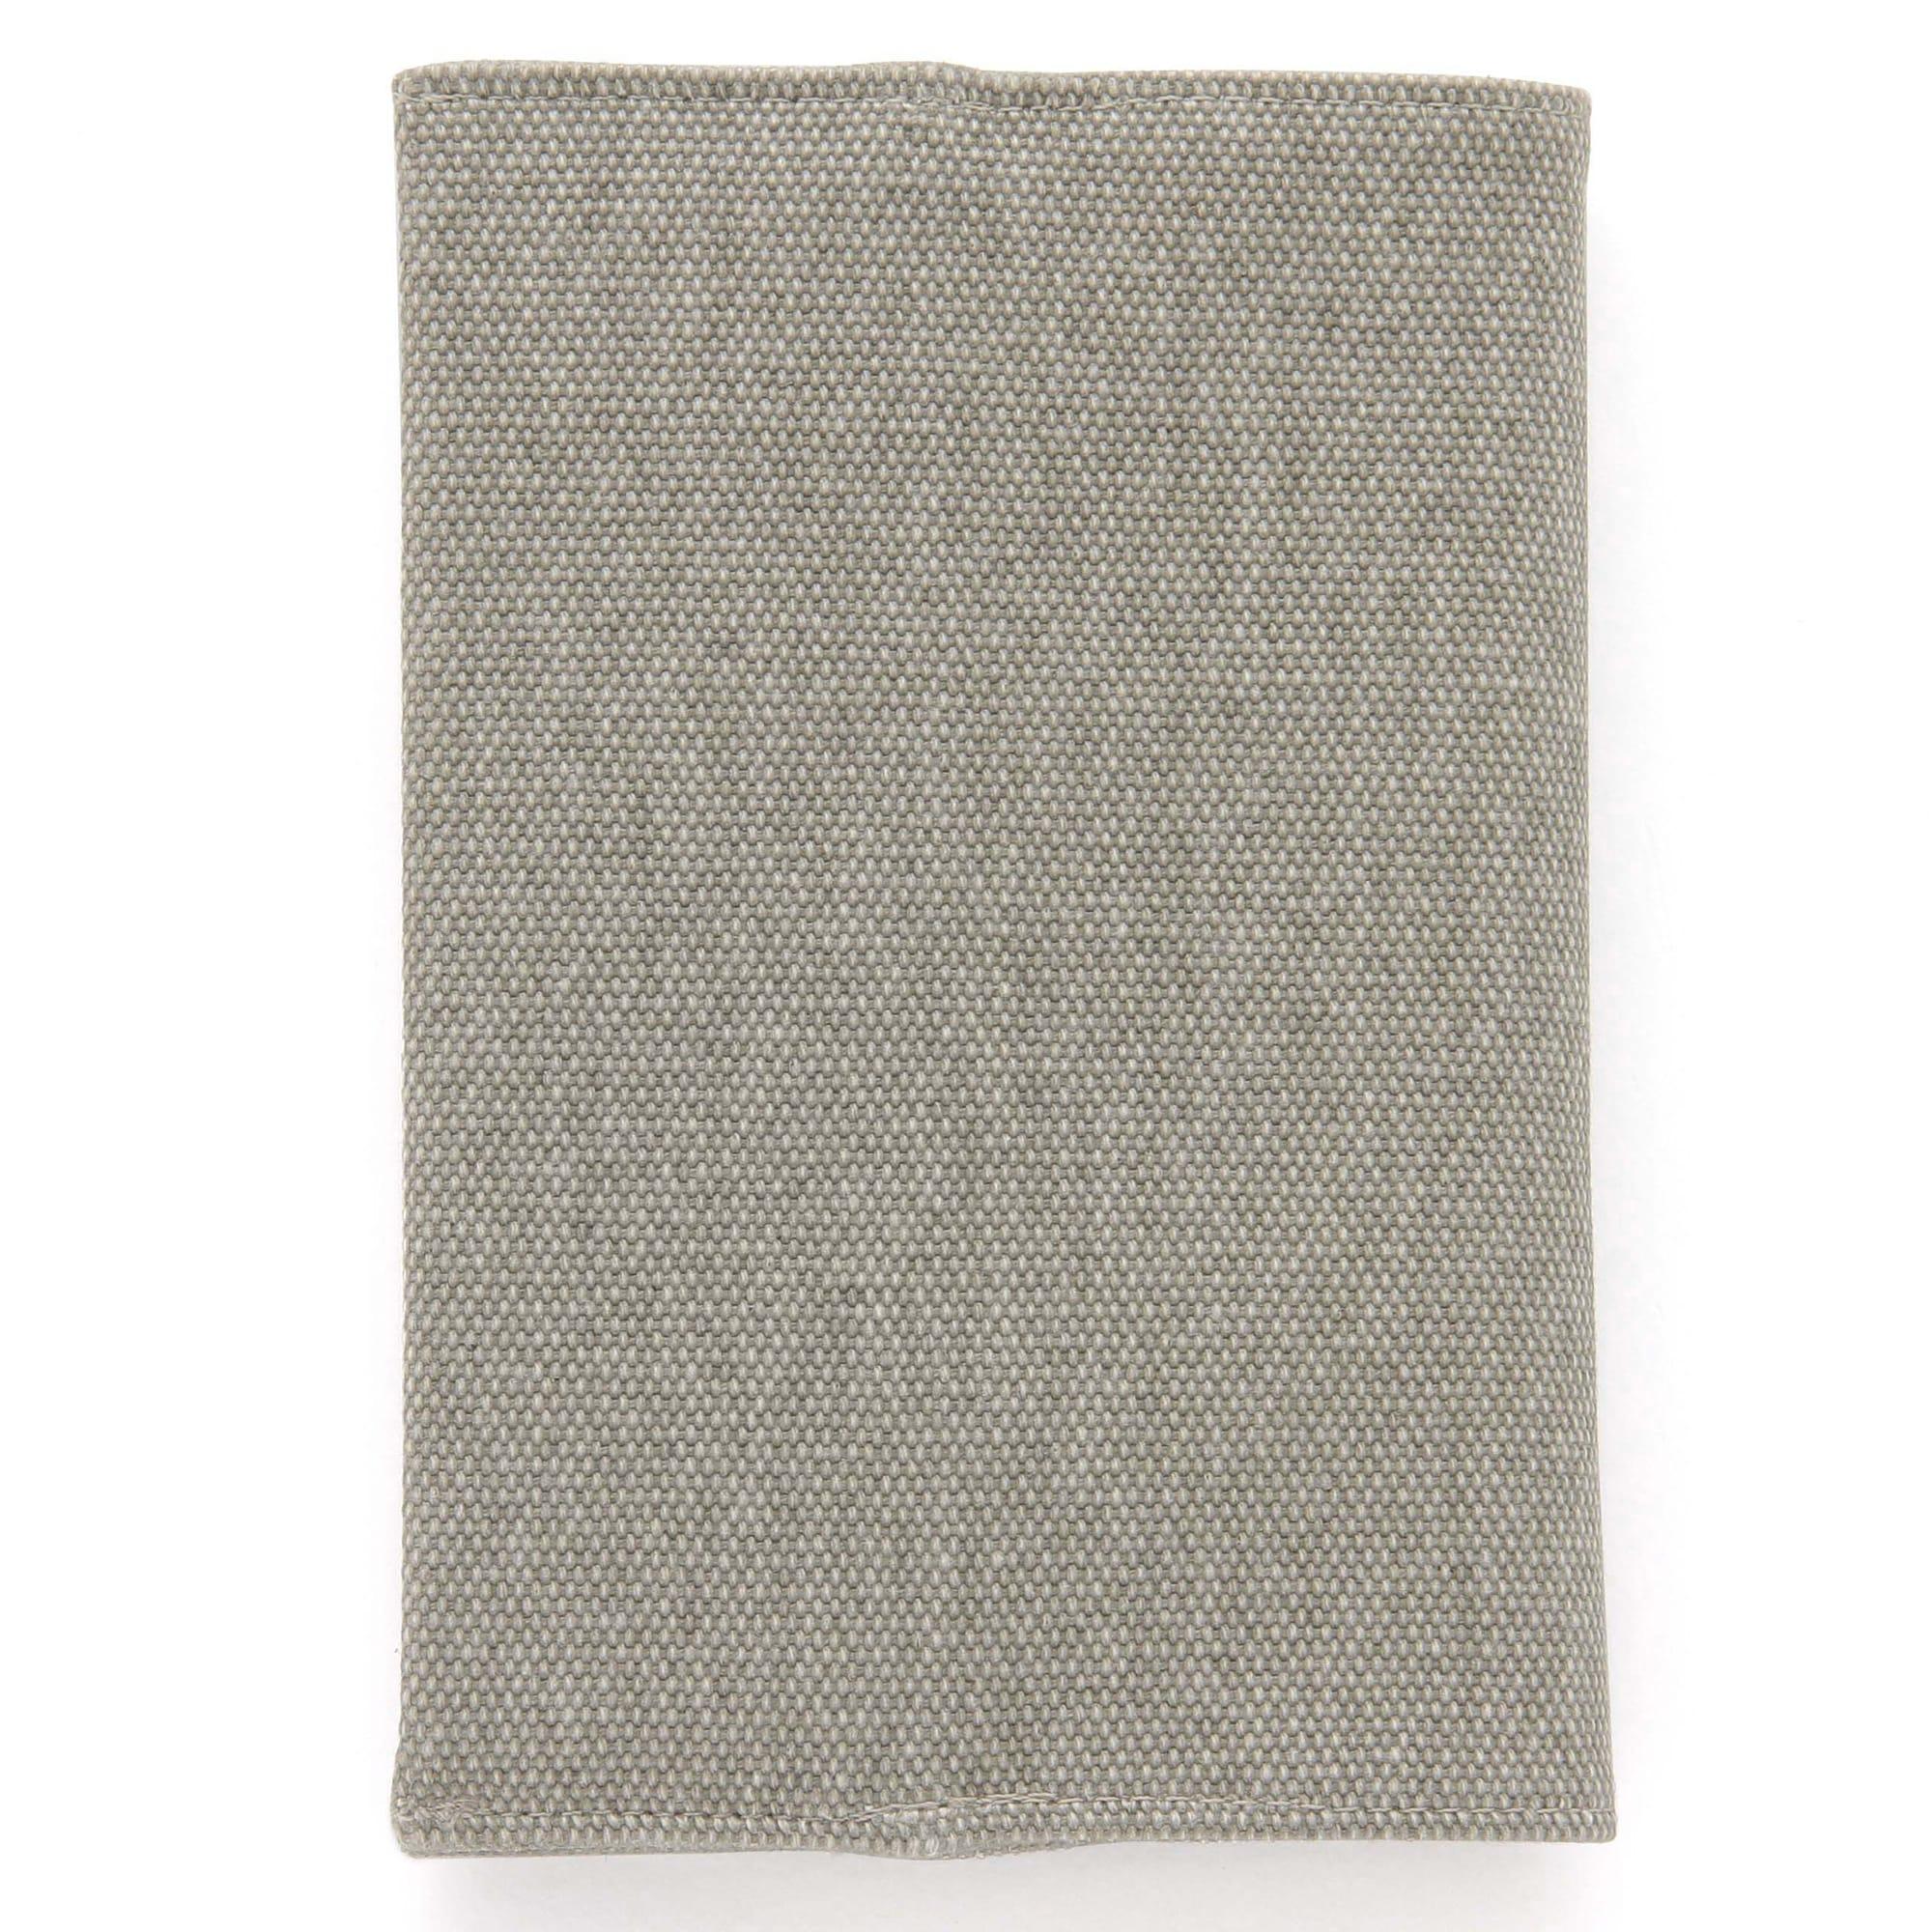 帆布文庫本カバー 約高さ16.3×幅最長29.5cm